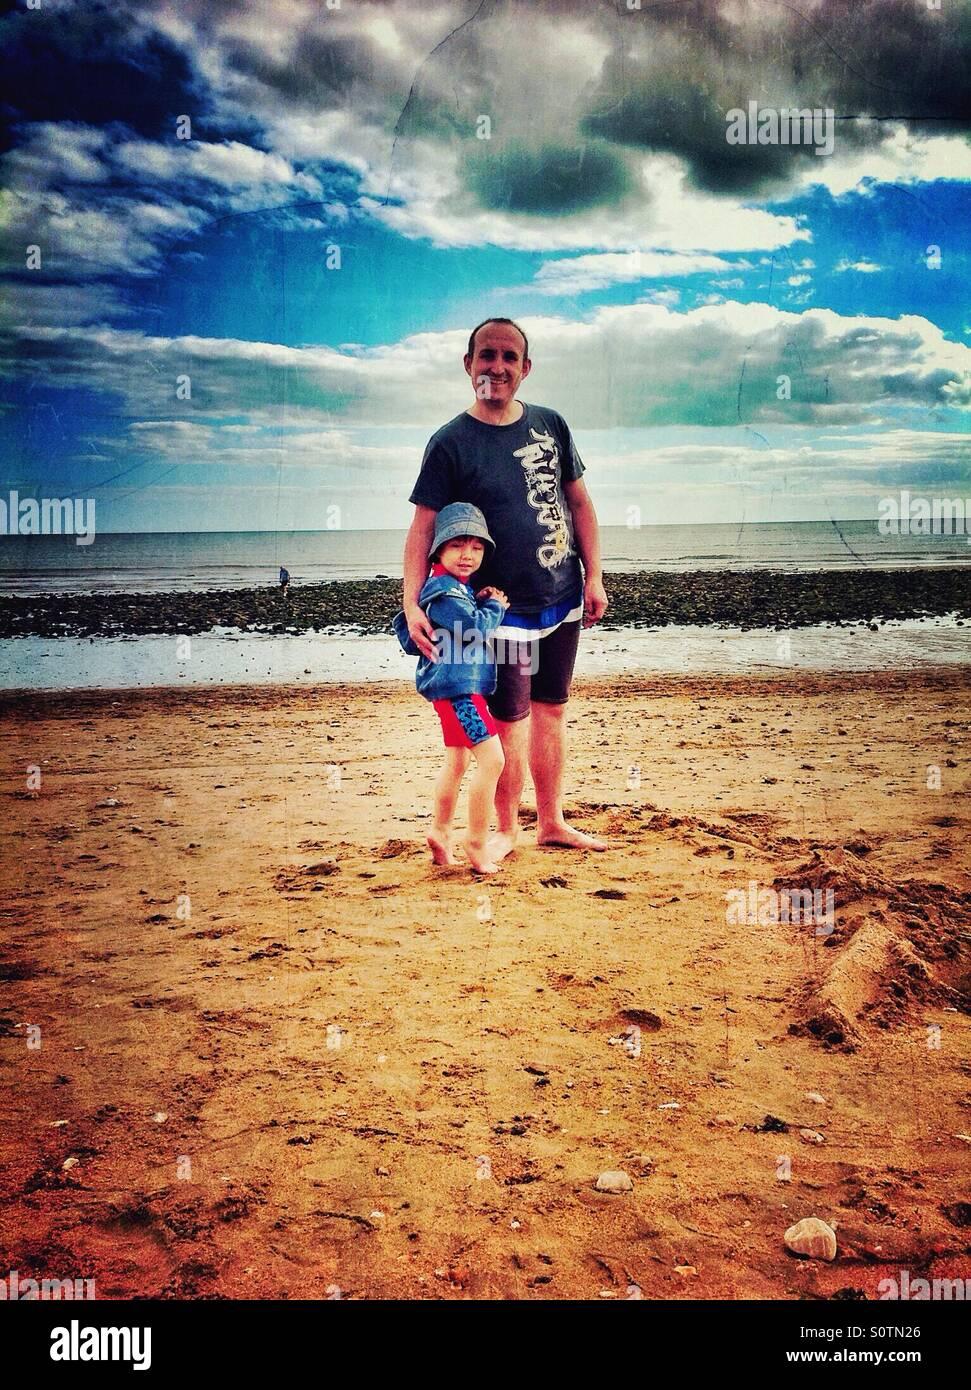 Un padre e figlio su una spiaggia. Immagini Stock